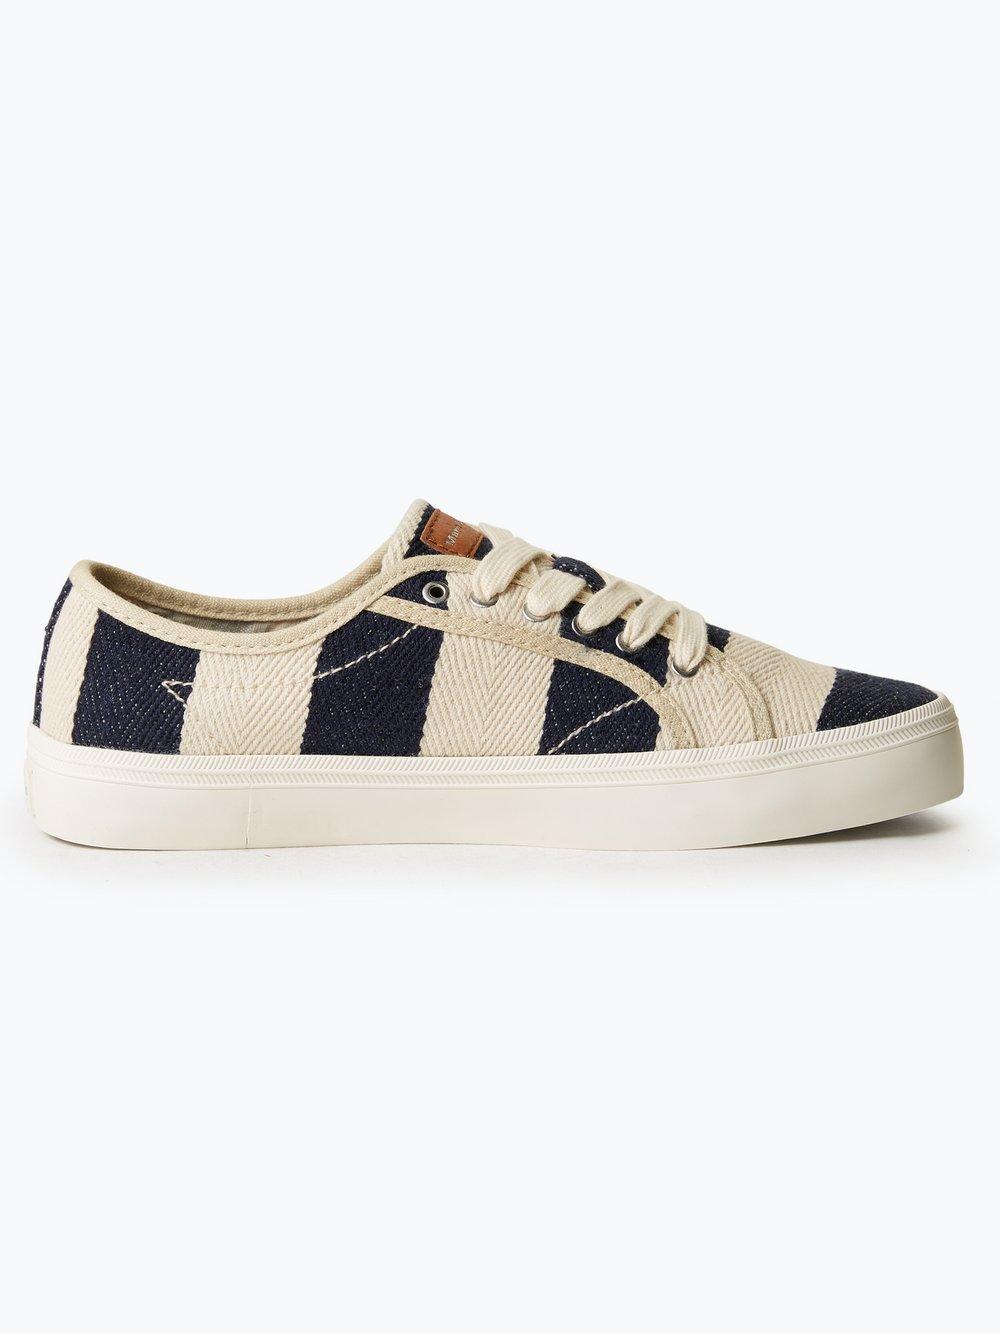 Marc O Polo Damen Sneaker online kaufen   VANGRAAF.COM 20ac5e284e